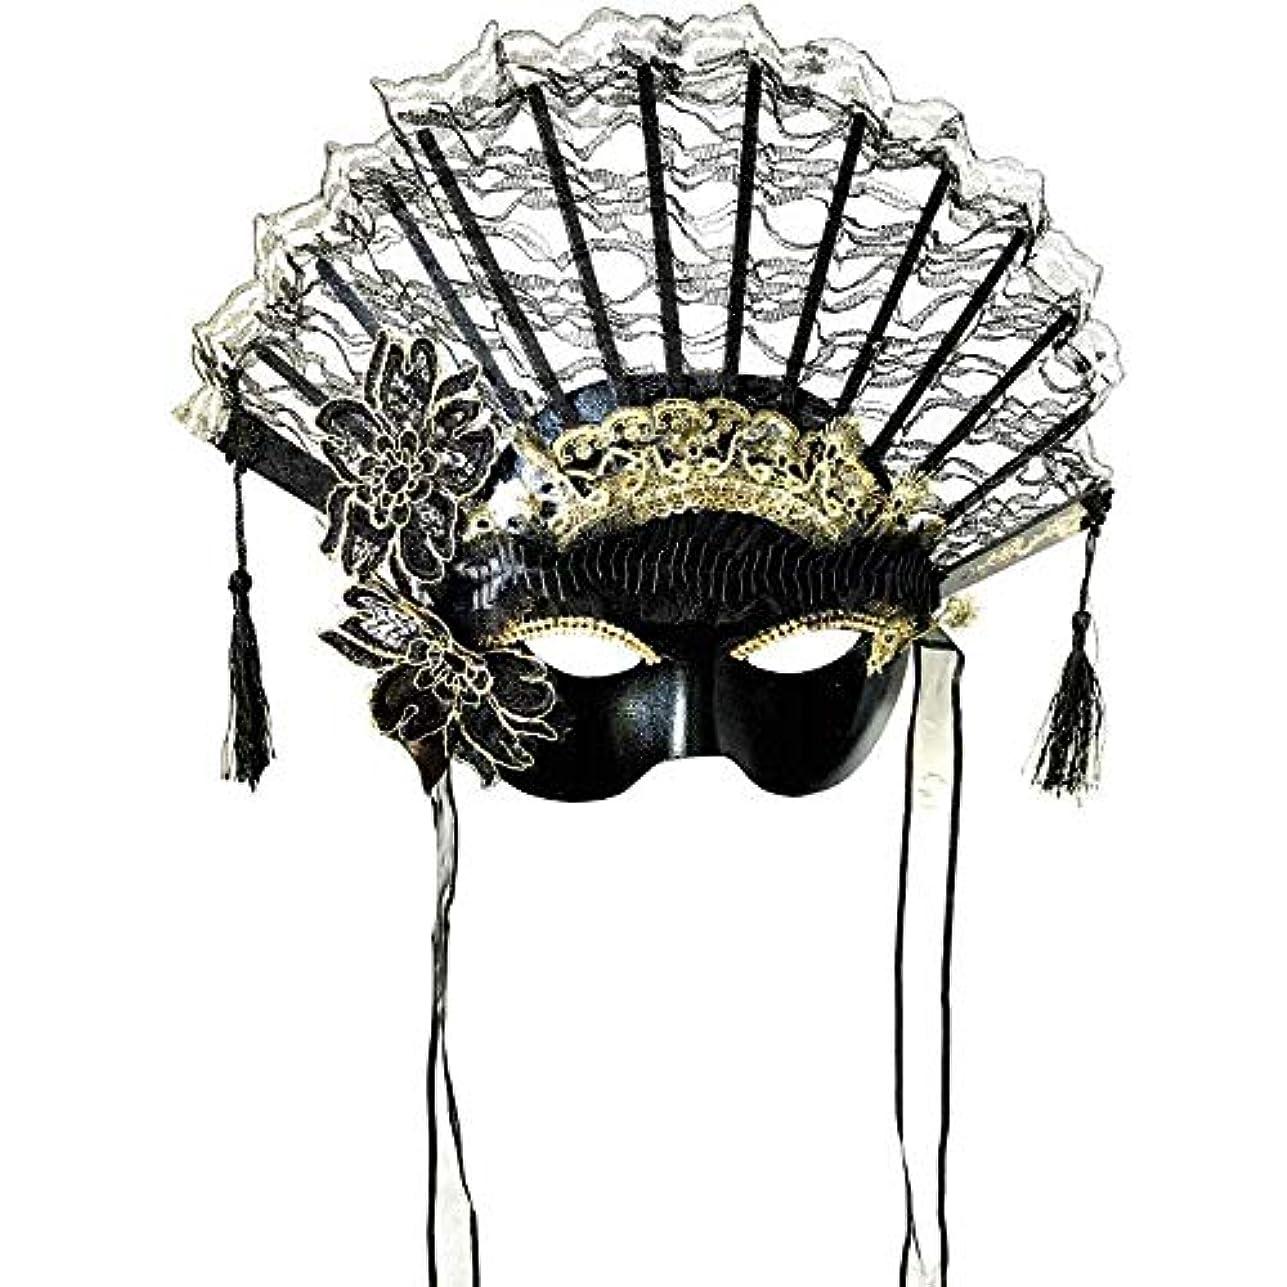 古くなった疑問を超えてハントNanle ハロウィンクリスマスレースファンシェイプフラワーフリンジビーズマスク仮装マスクレディミスプリンセス美容祭パーティーデコレーションマスク (色 : Black B)